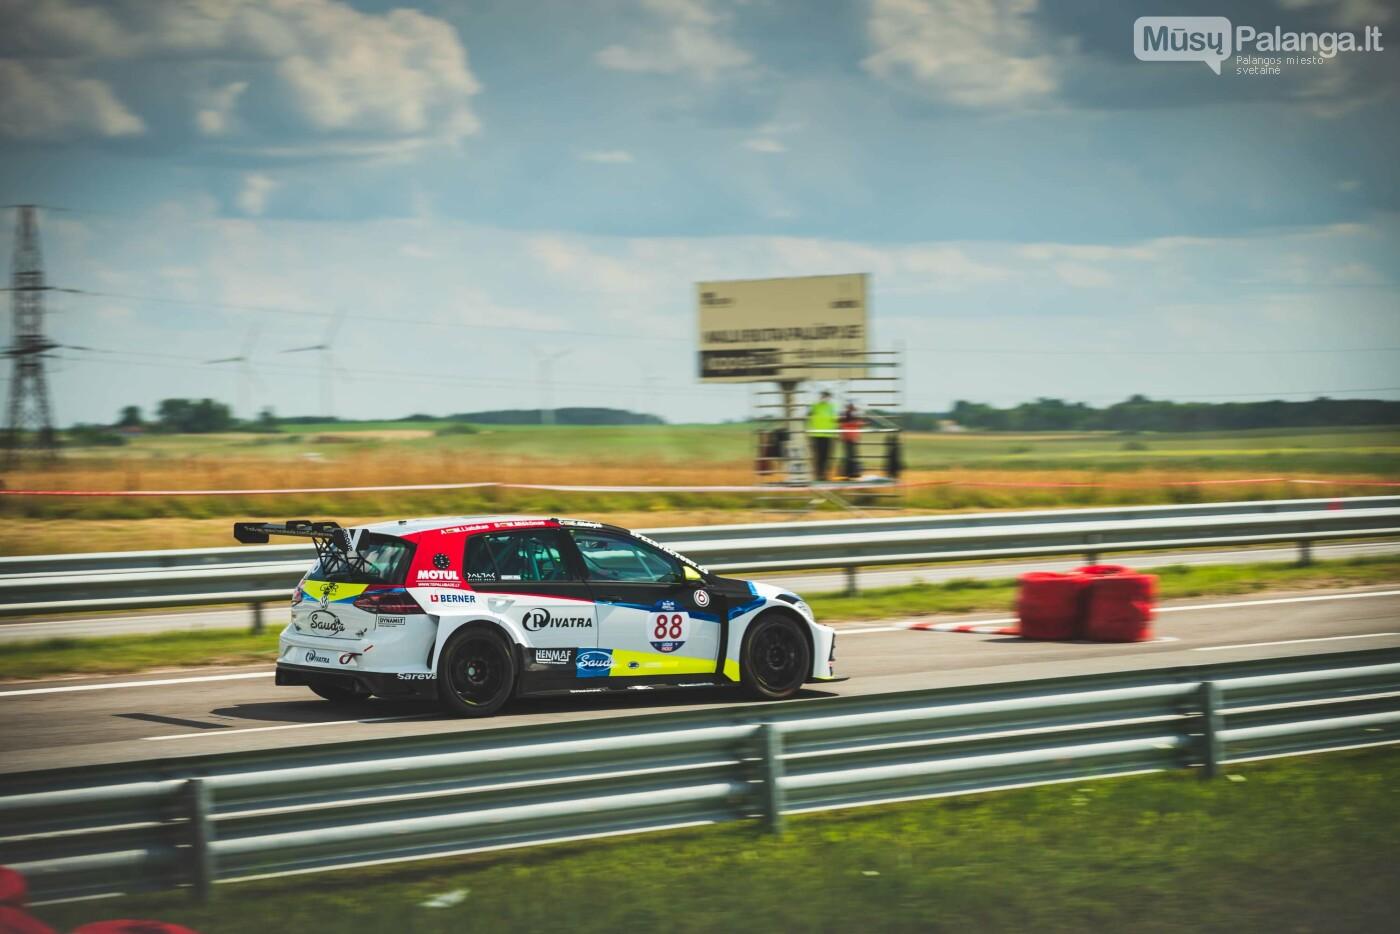 """Pirmoji """"Aurum 1006 km lenktynių"""" repeticija, nuotrauka-22, Arno STRUMILOS nuotr."""